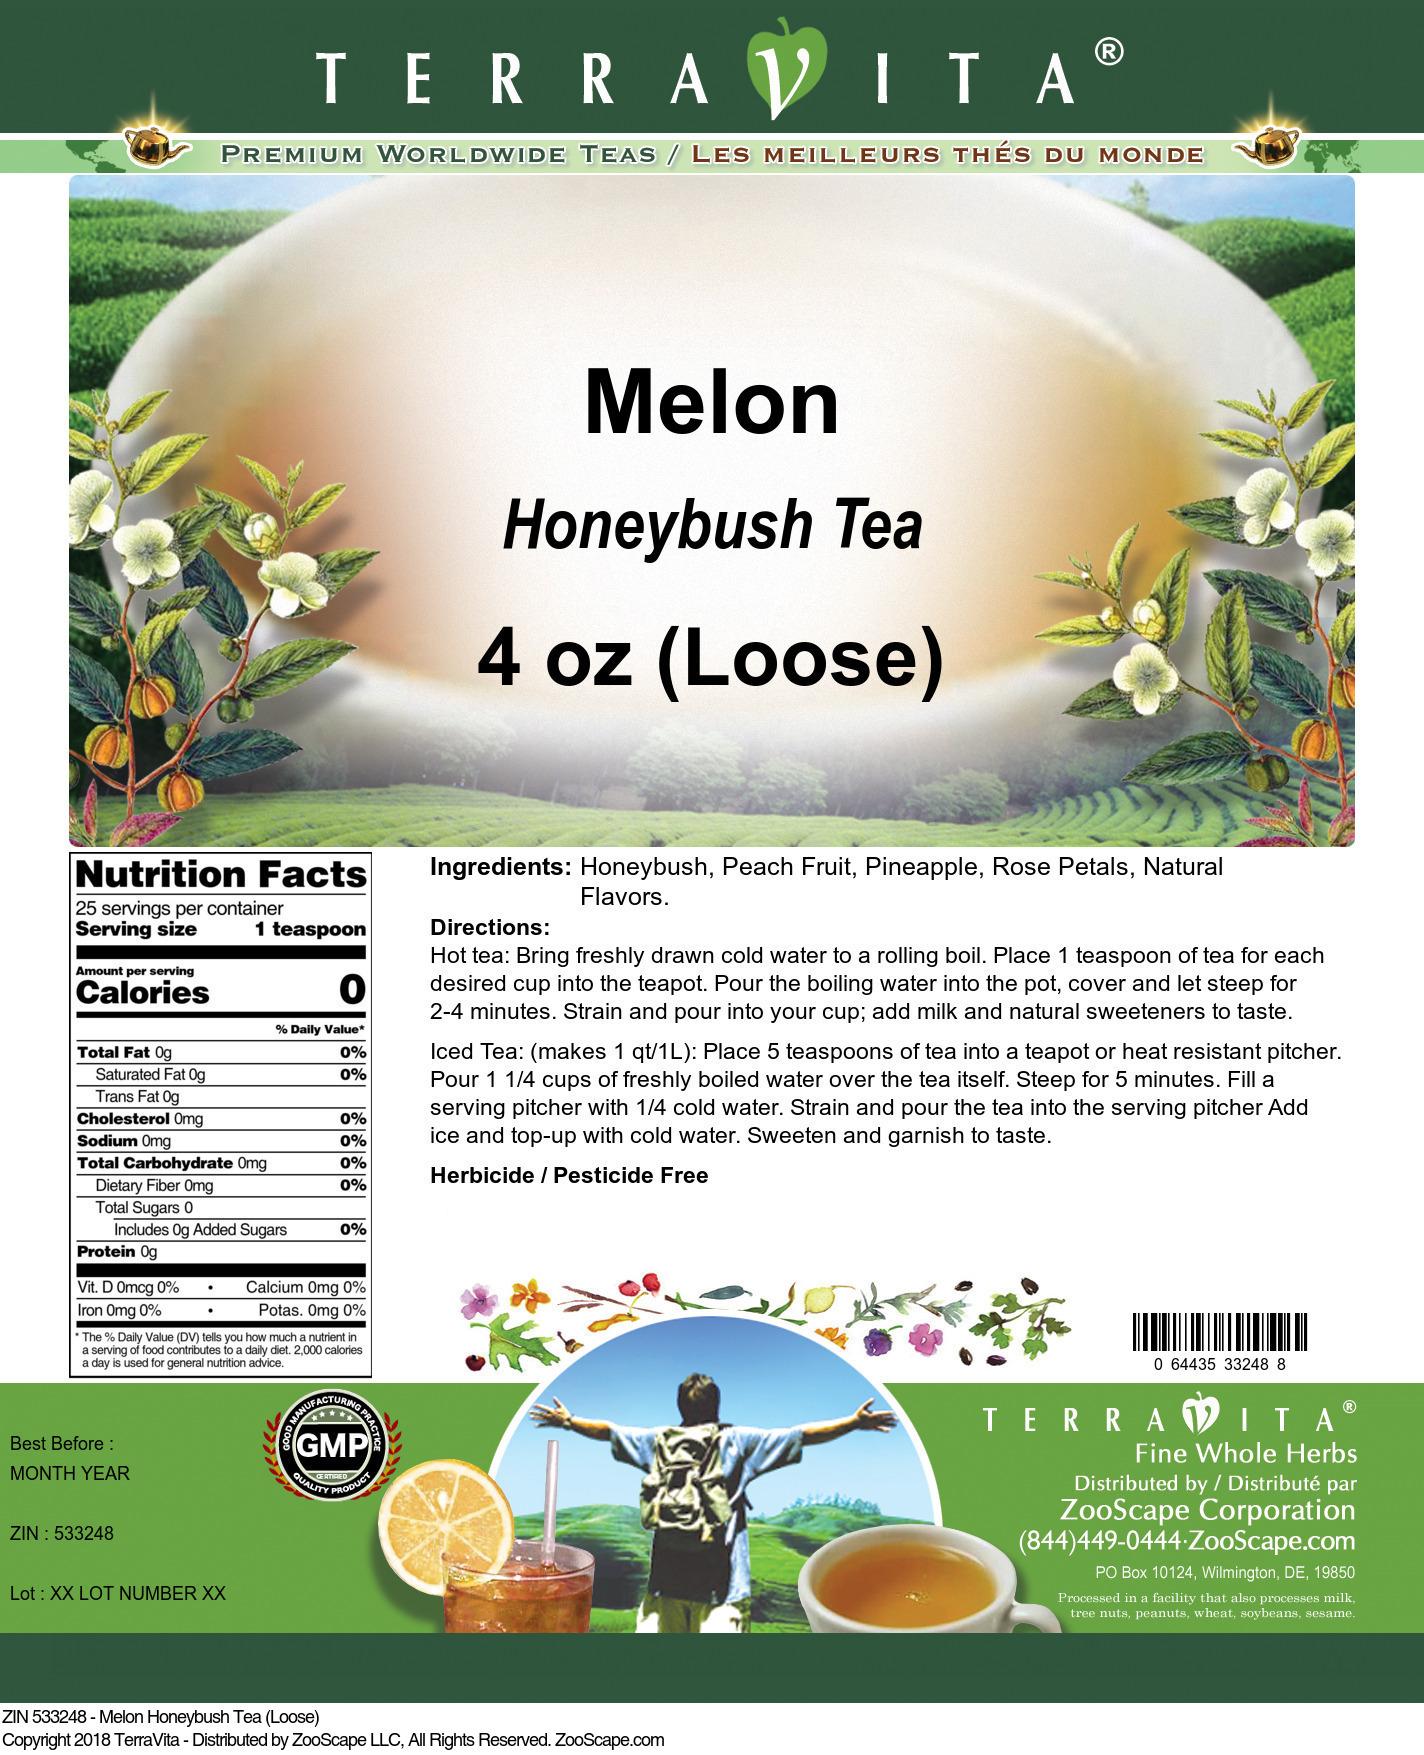 Melon Honeybush Tea (Loose)